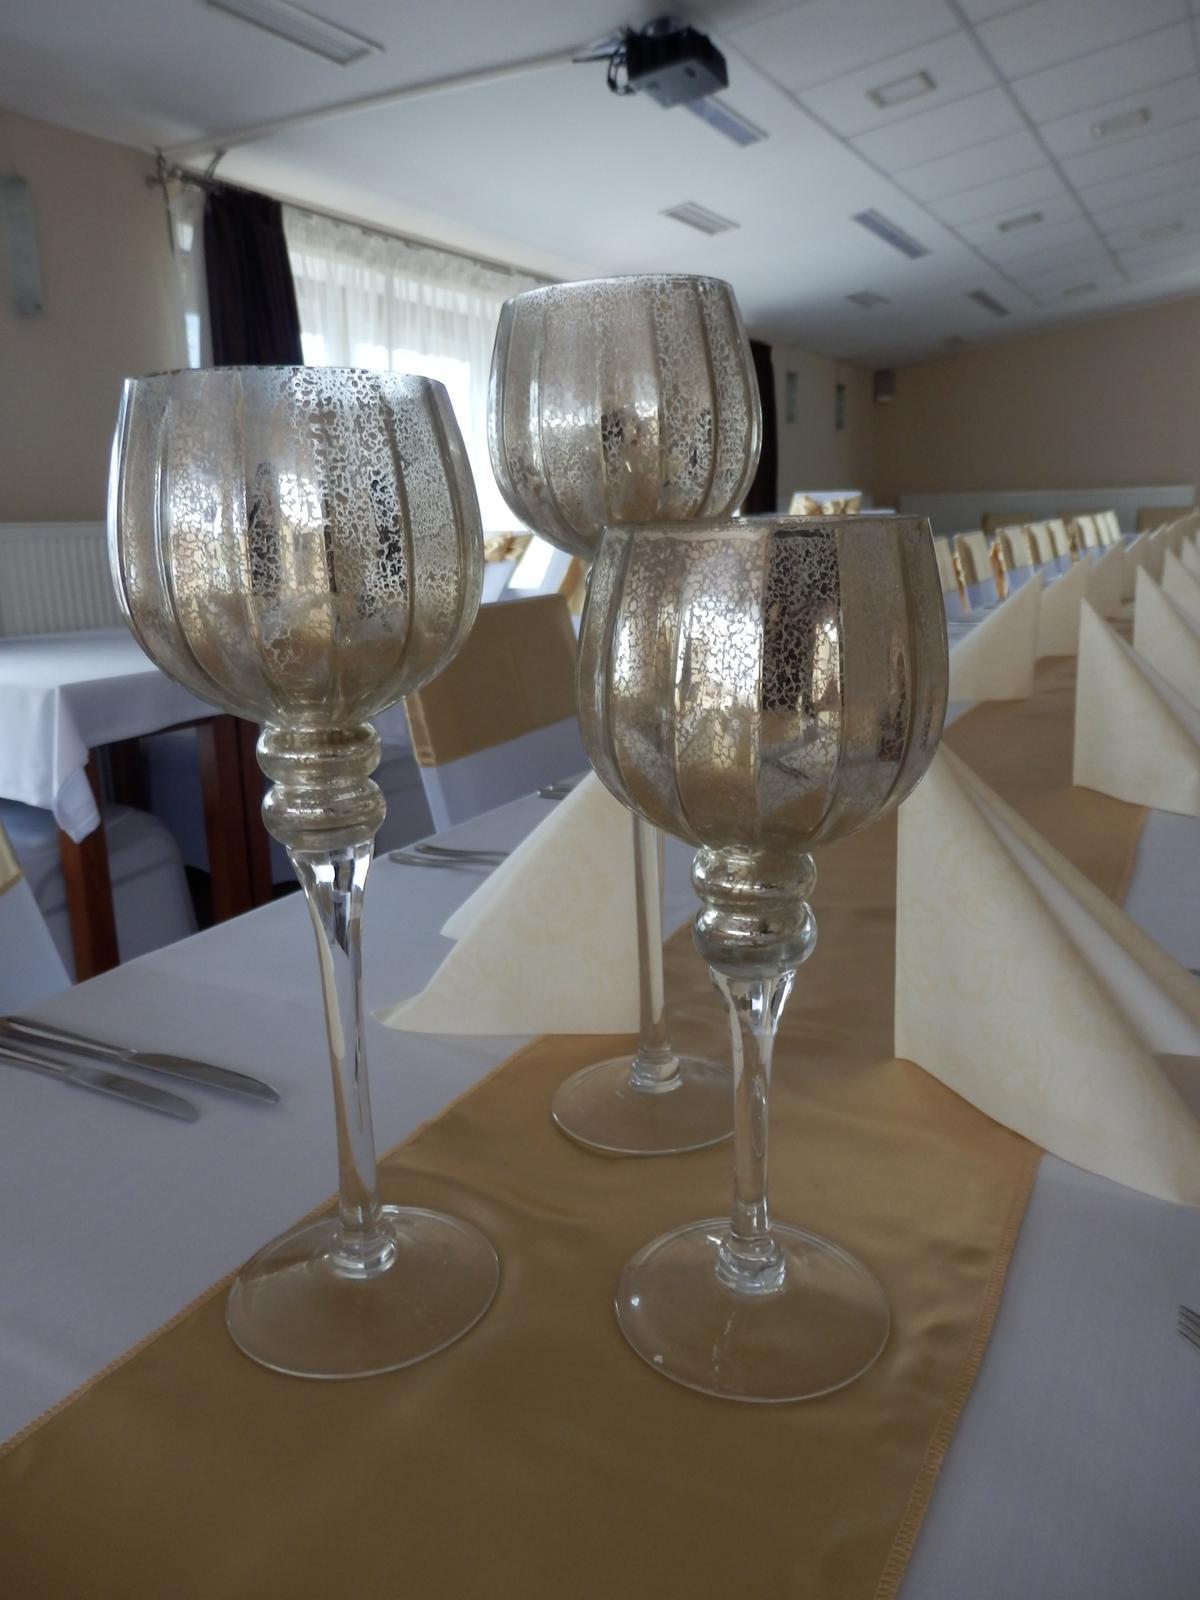 Zlaté svietniky merkury sklo - Obrázok č. 2